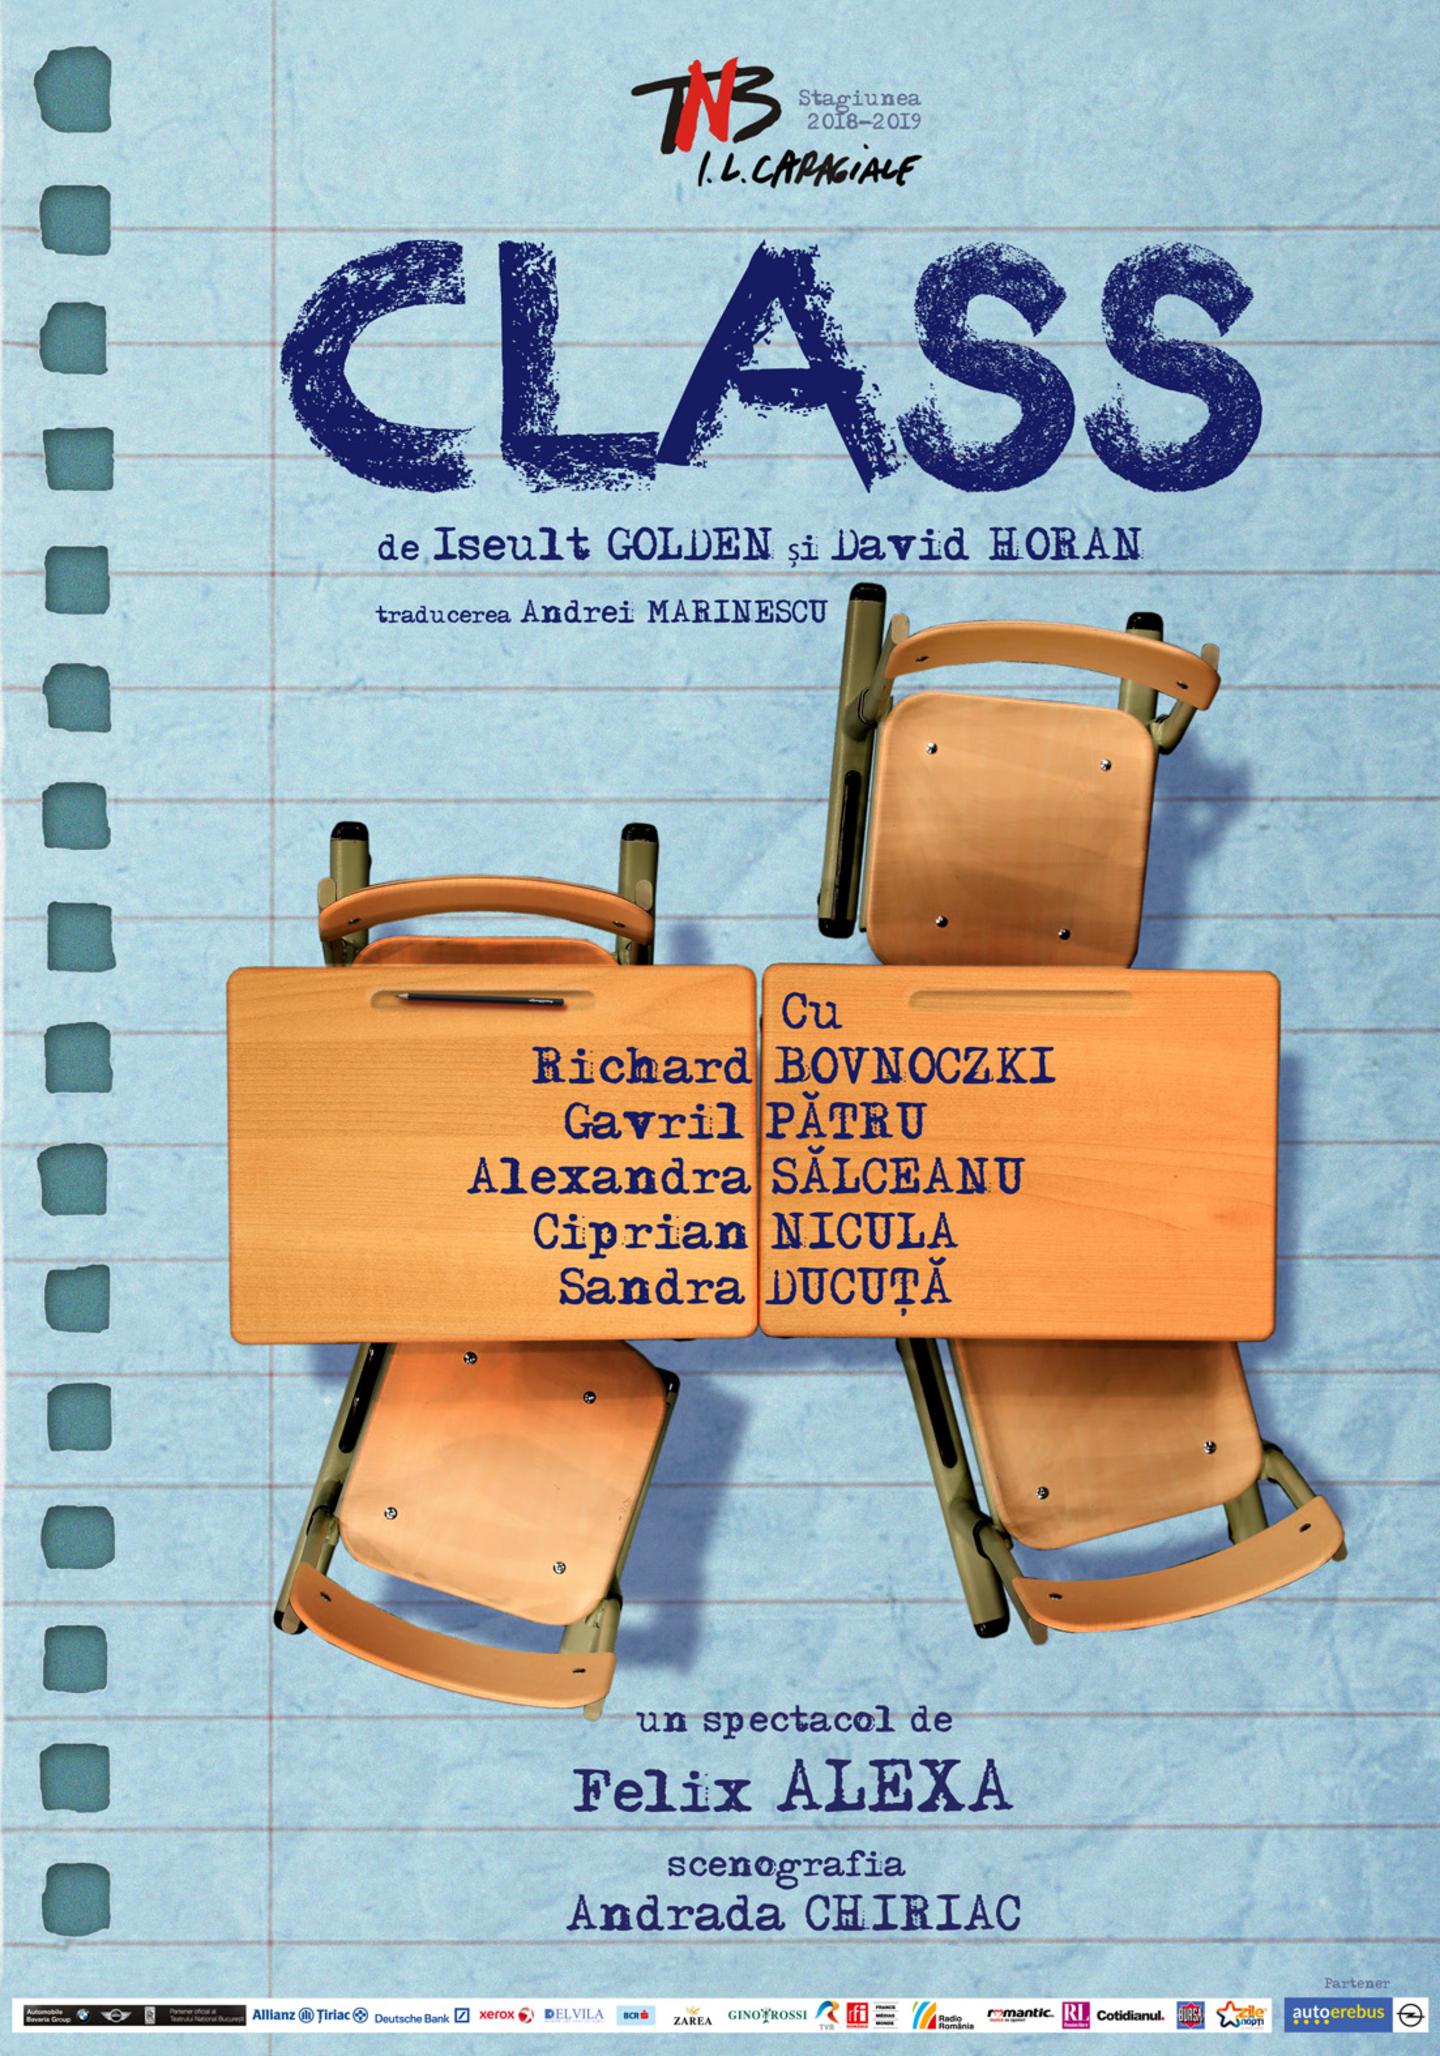 Class de Iseult Golden si David Horan – TNB